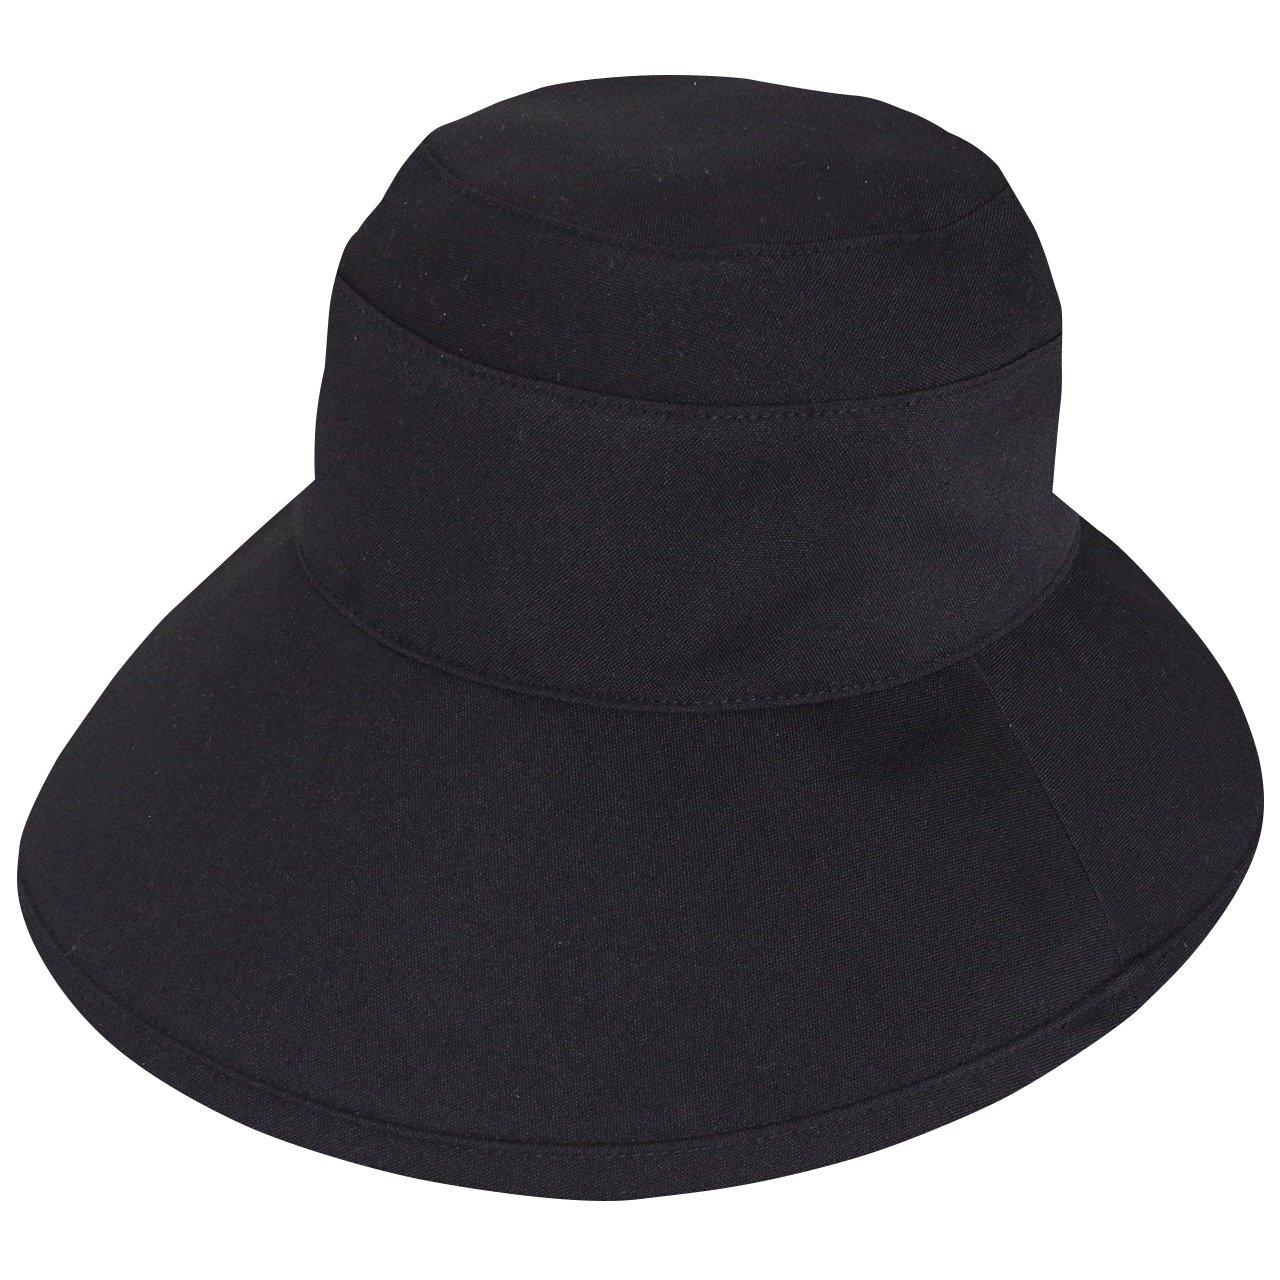 Rose Blanc(ロサブラン) 100%完全遮光 帽子 プレーンハット12cm (通気性タイプ) Sサイズ B07BFQSLJX ブラック ブラック